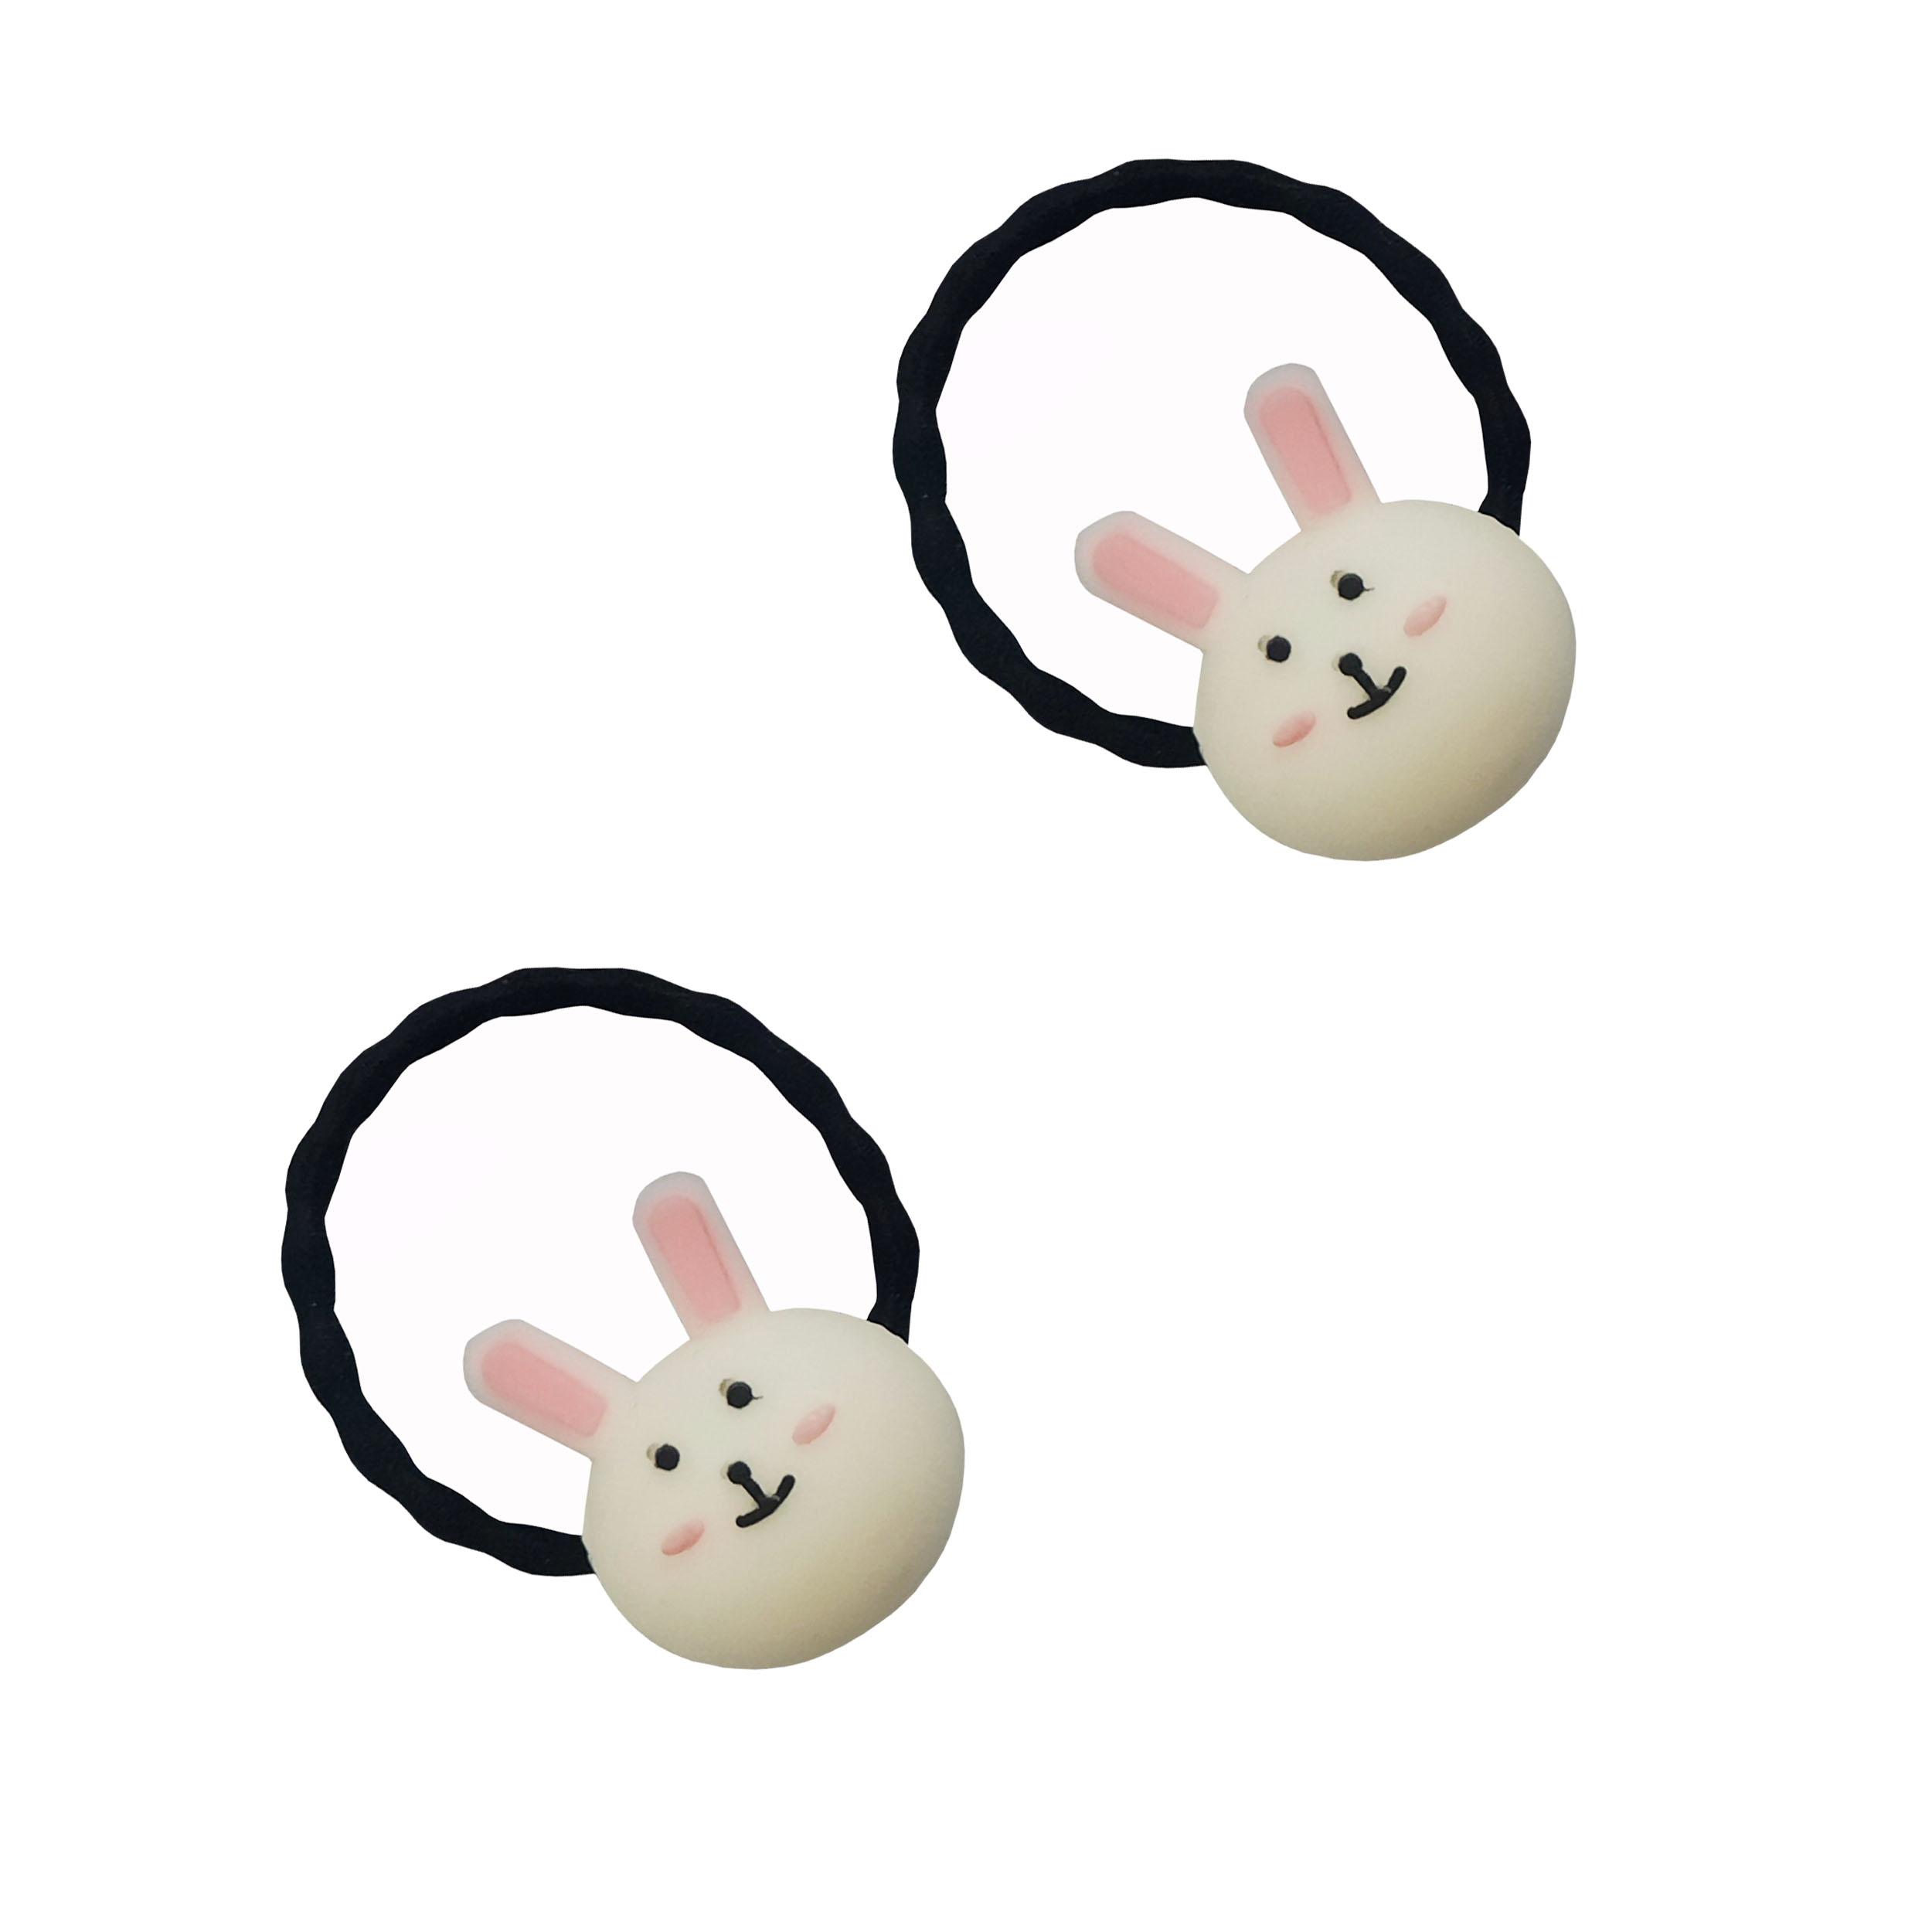 کش مو دخترانه مدل خرگوش کد 90050 بسته 2 عددی